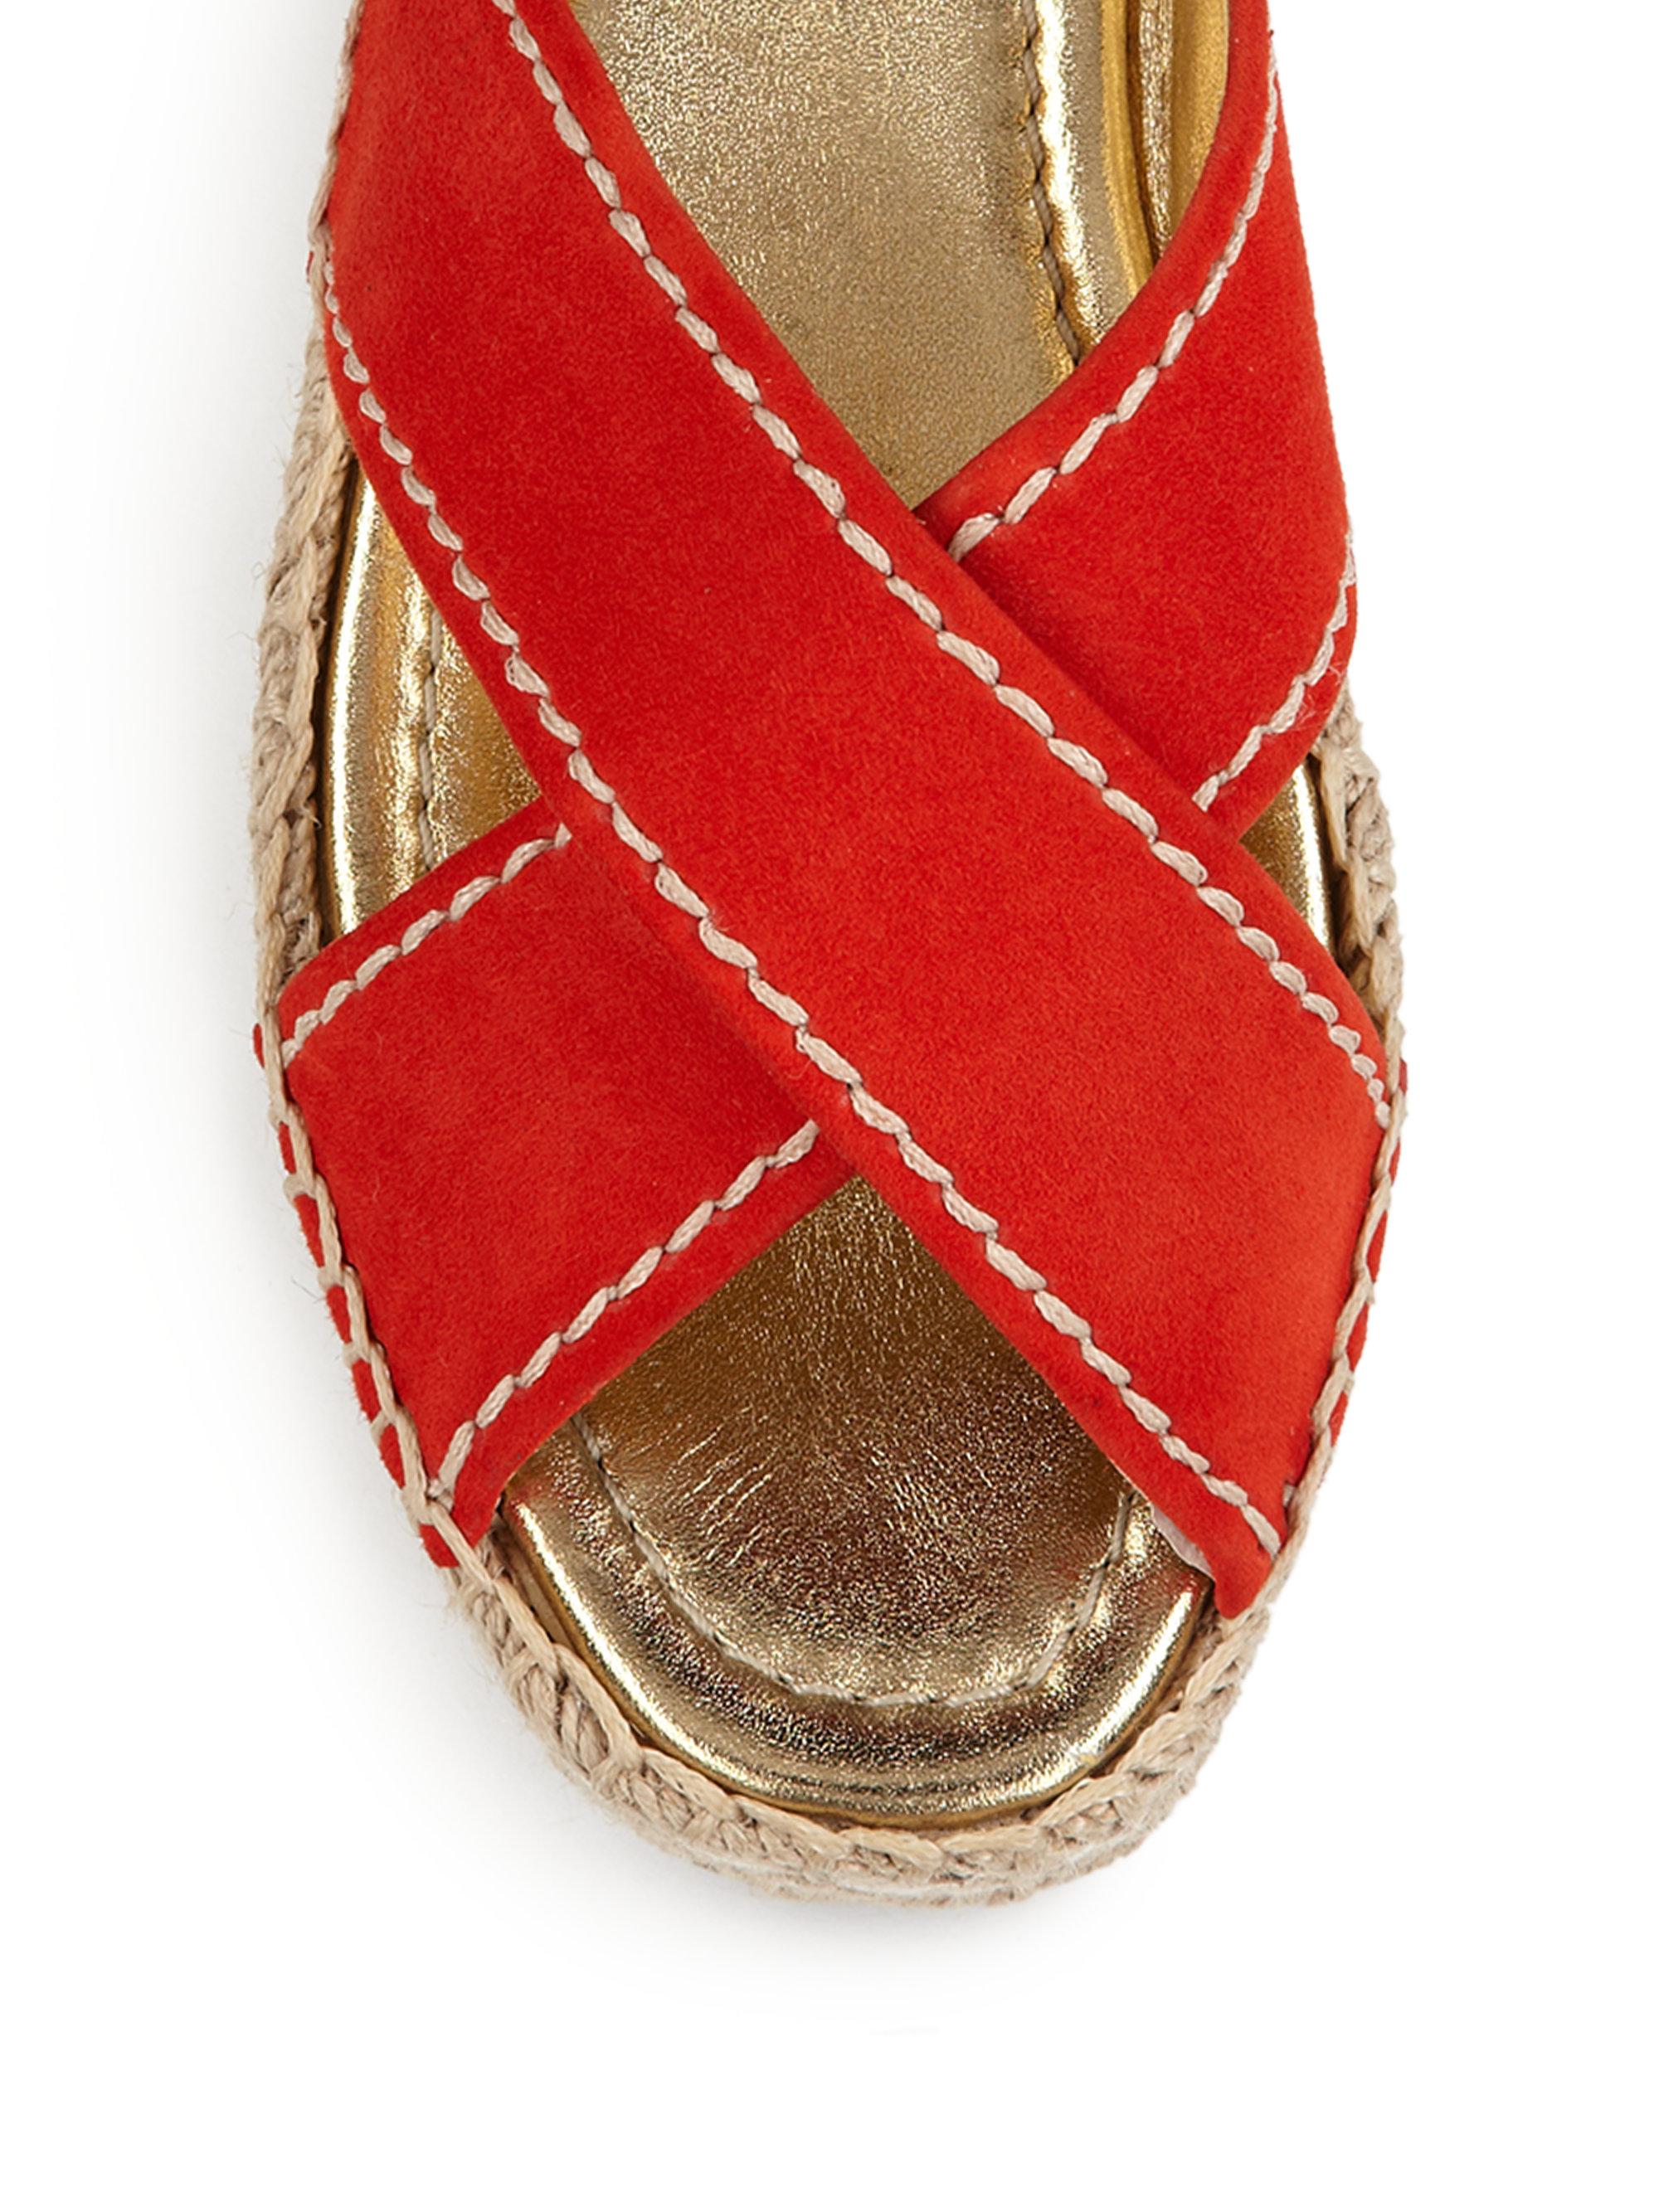 c40136edf8d1 Prada Scalloped Suede Platform Sandals